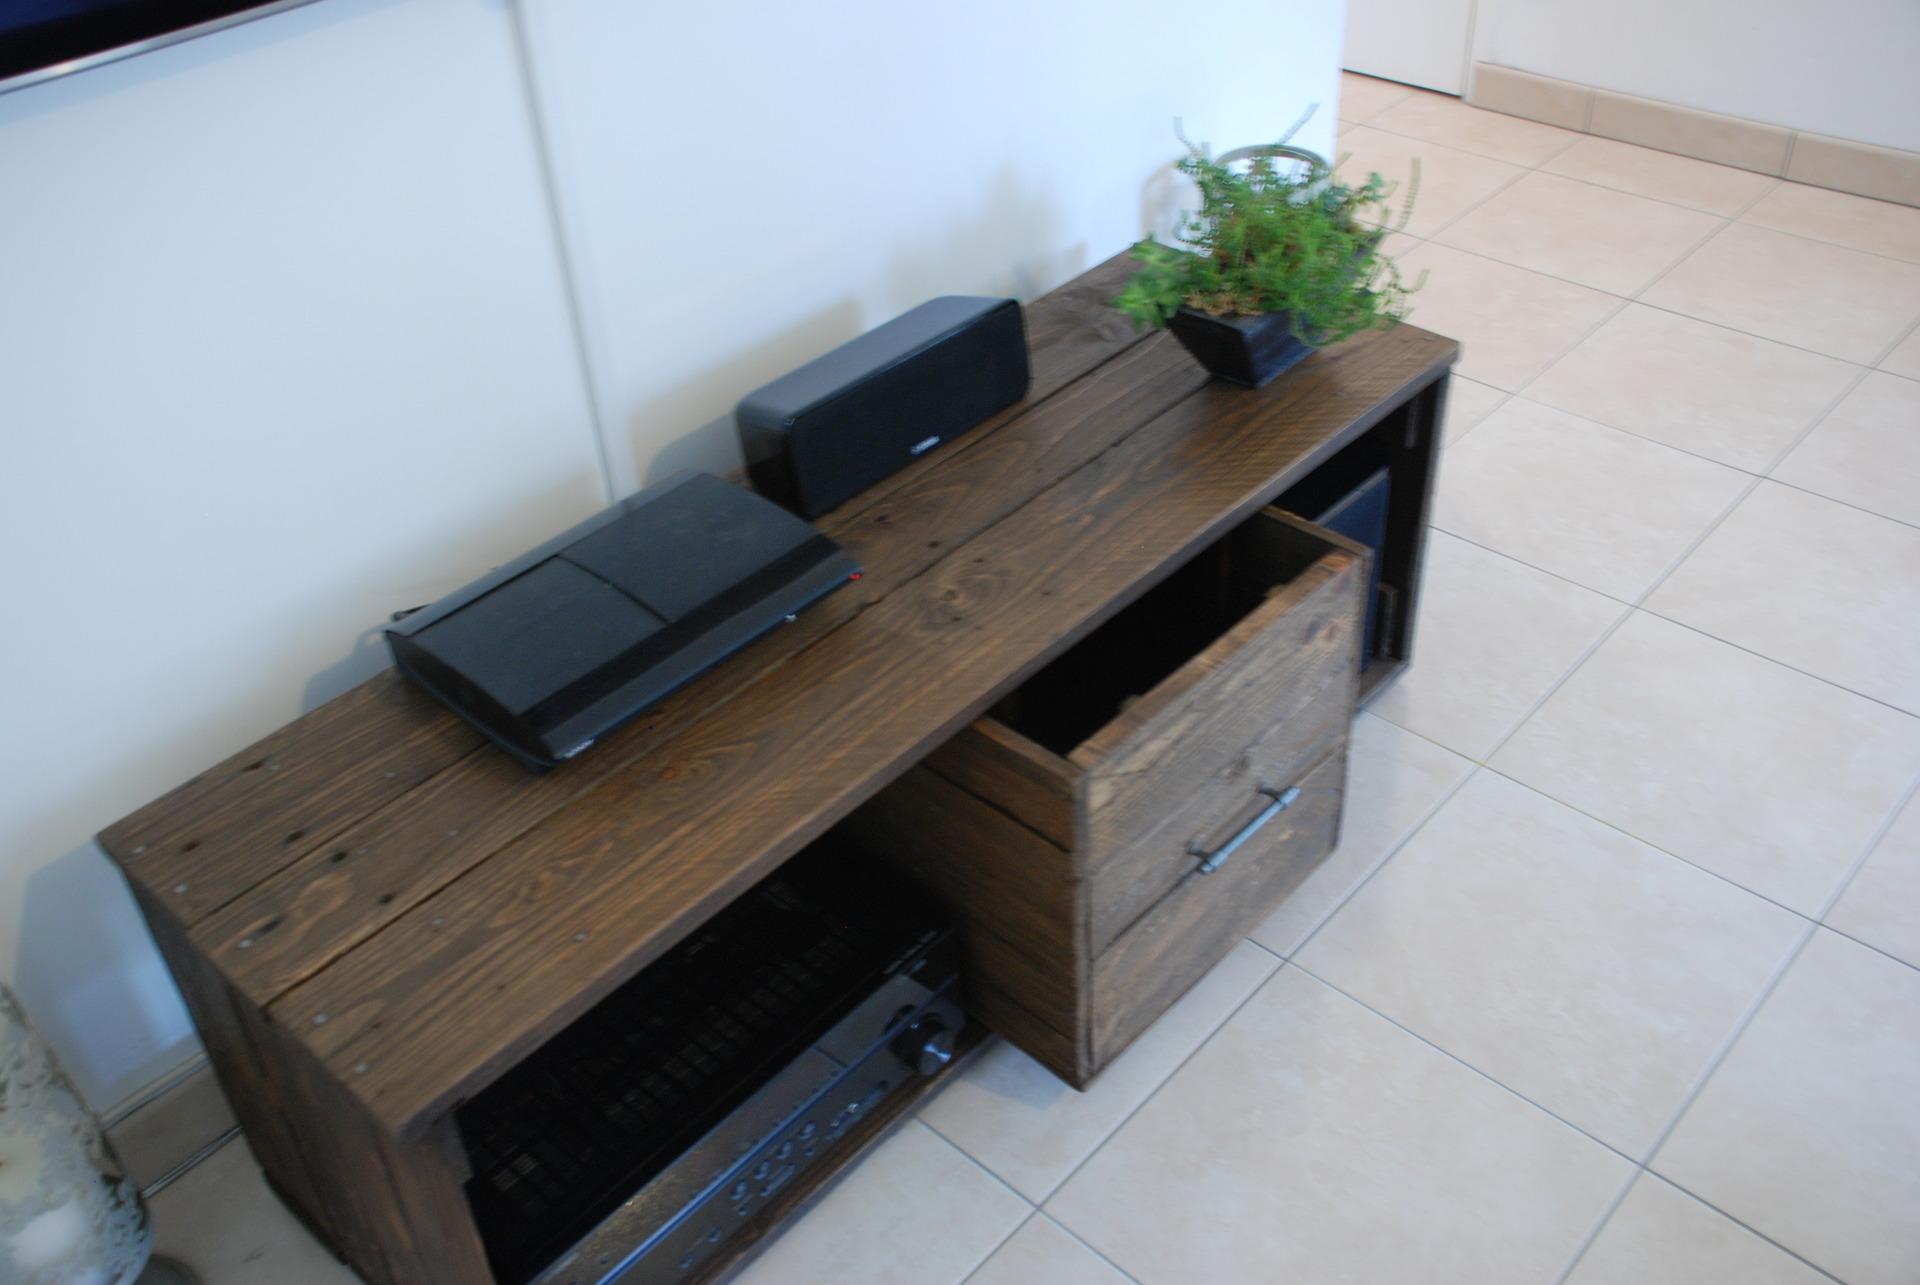 meuble tv fait avec du bois de palette meubles par atelierquatrecoeurs. Black Bedroom Furniture Sets. Home Design Ideas